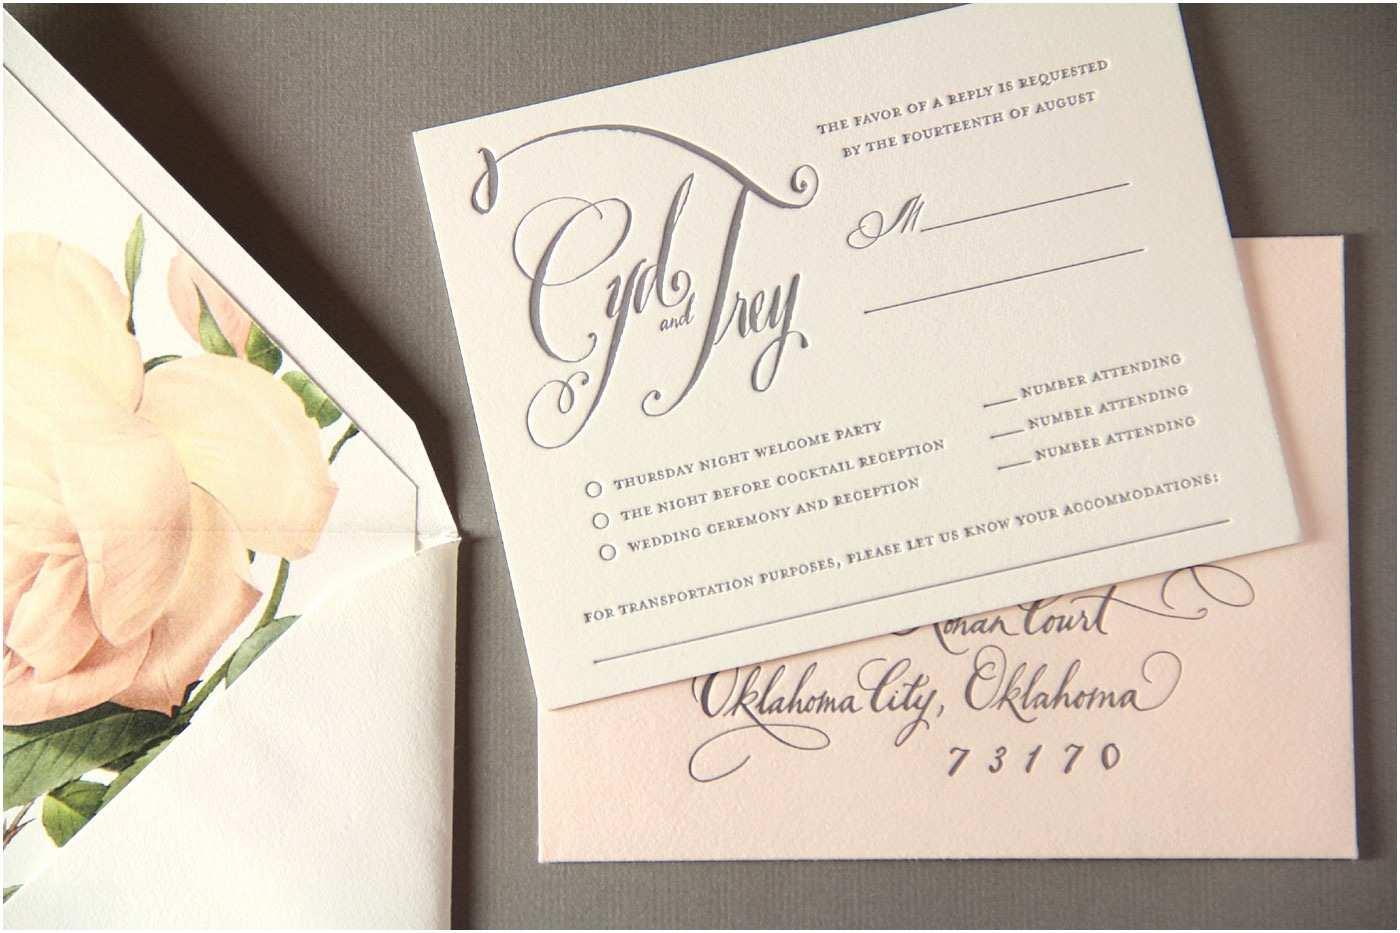 Wedding Invitations Dallas Dallas Calligraphy and Dallas Wedding Invitations • Tara